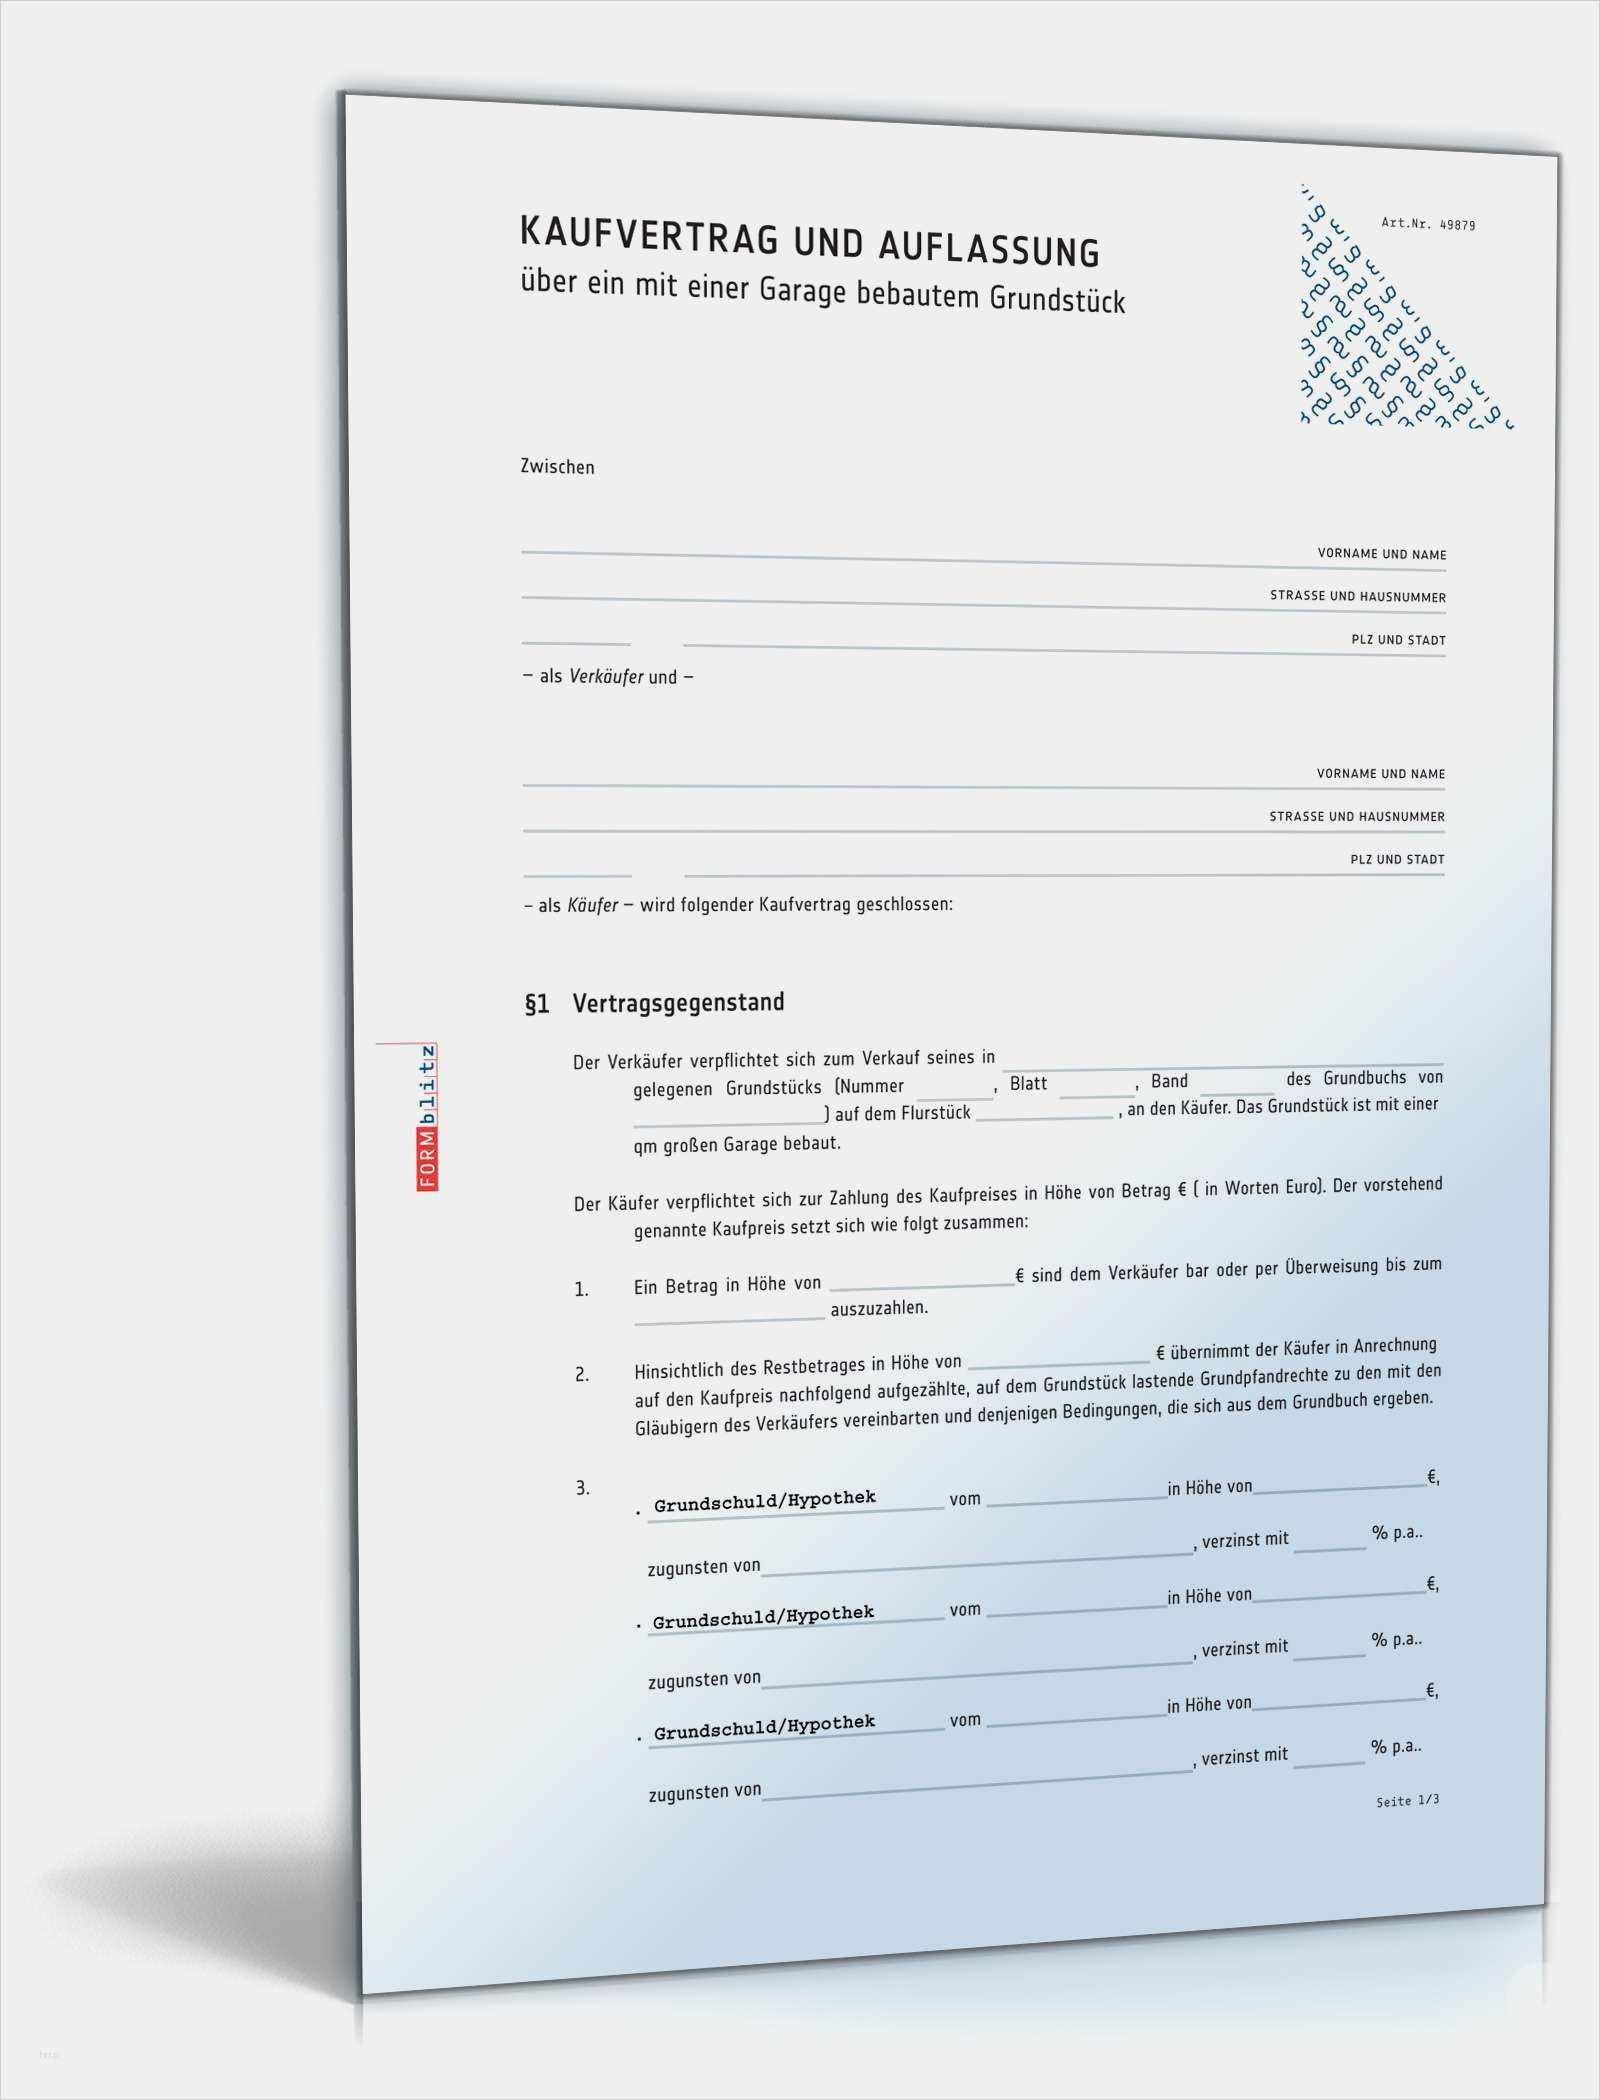 32 Hubsch Bewerbung Grundstuck Vorlage Ideen Vorlagen Word Lebenslauf Muster Vorlagen